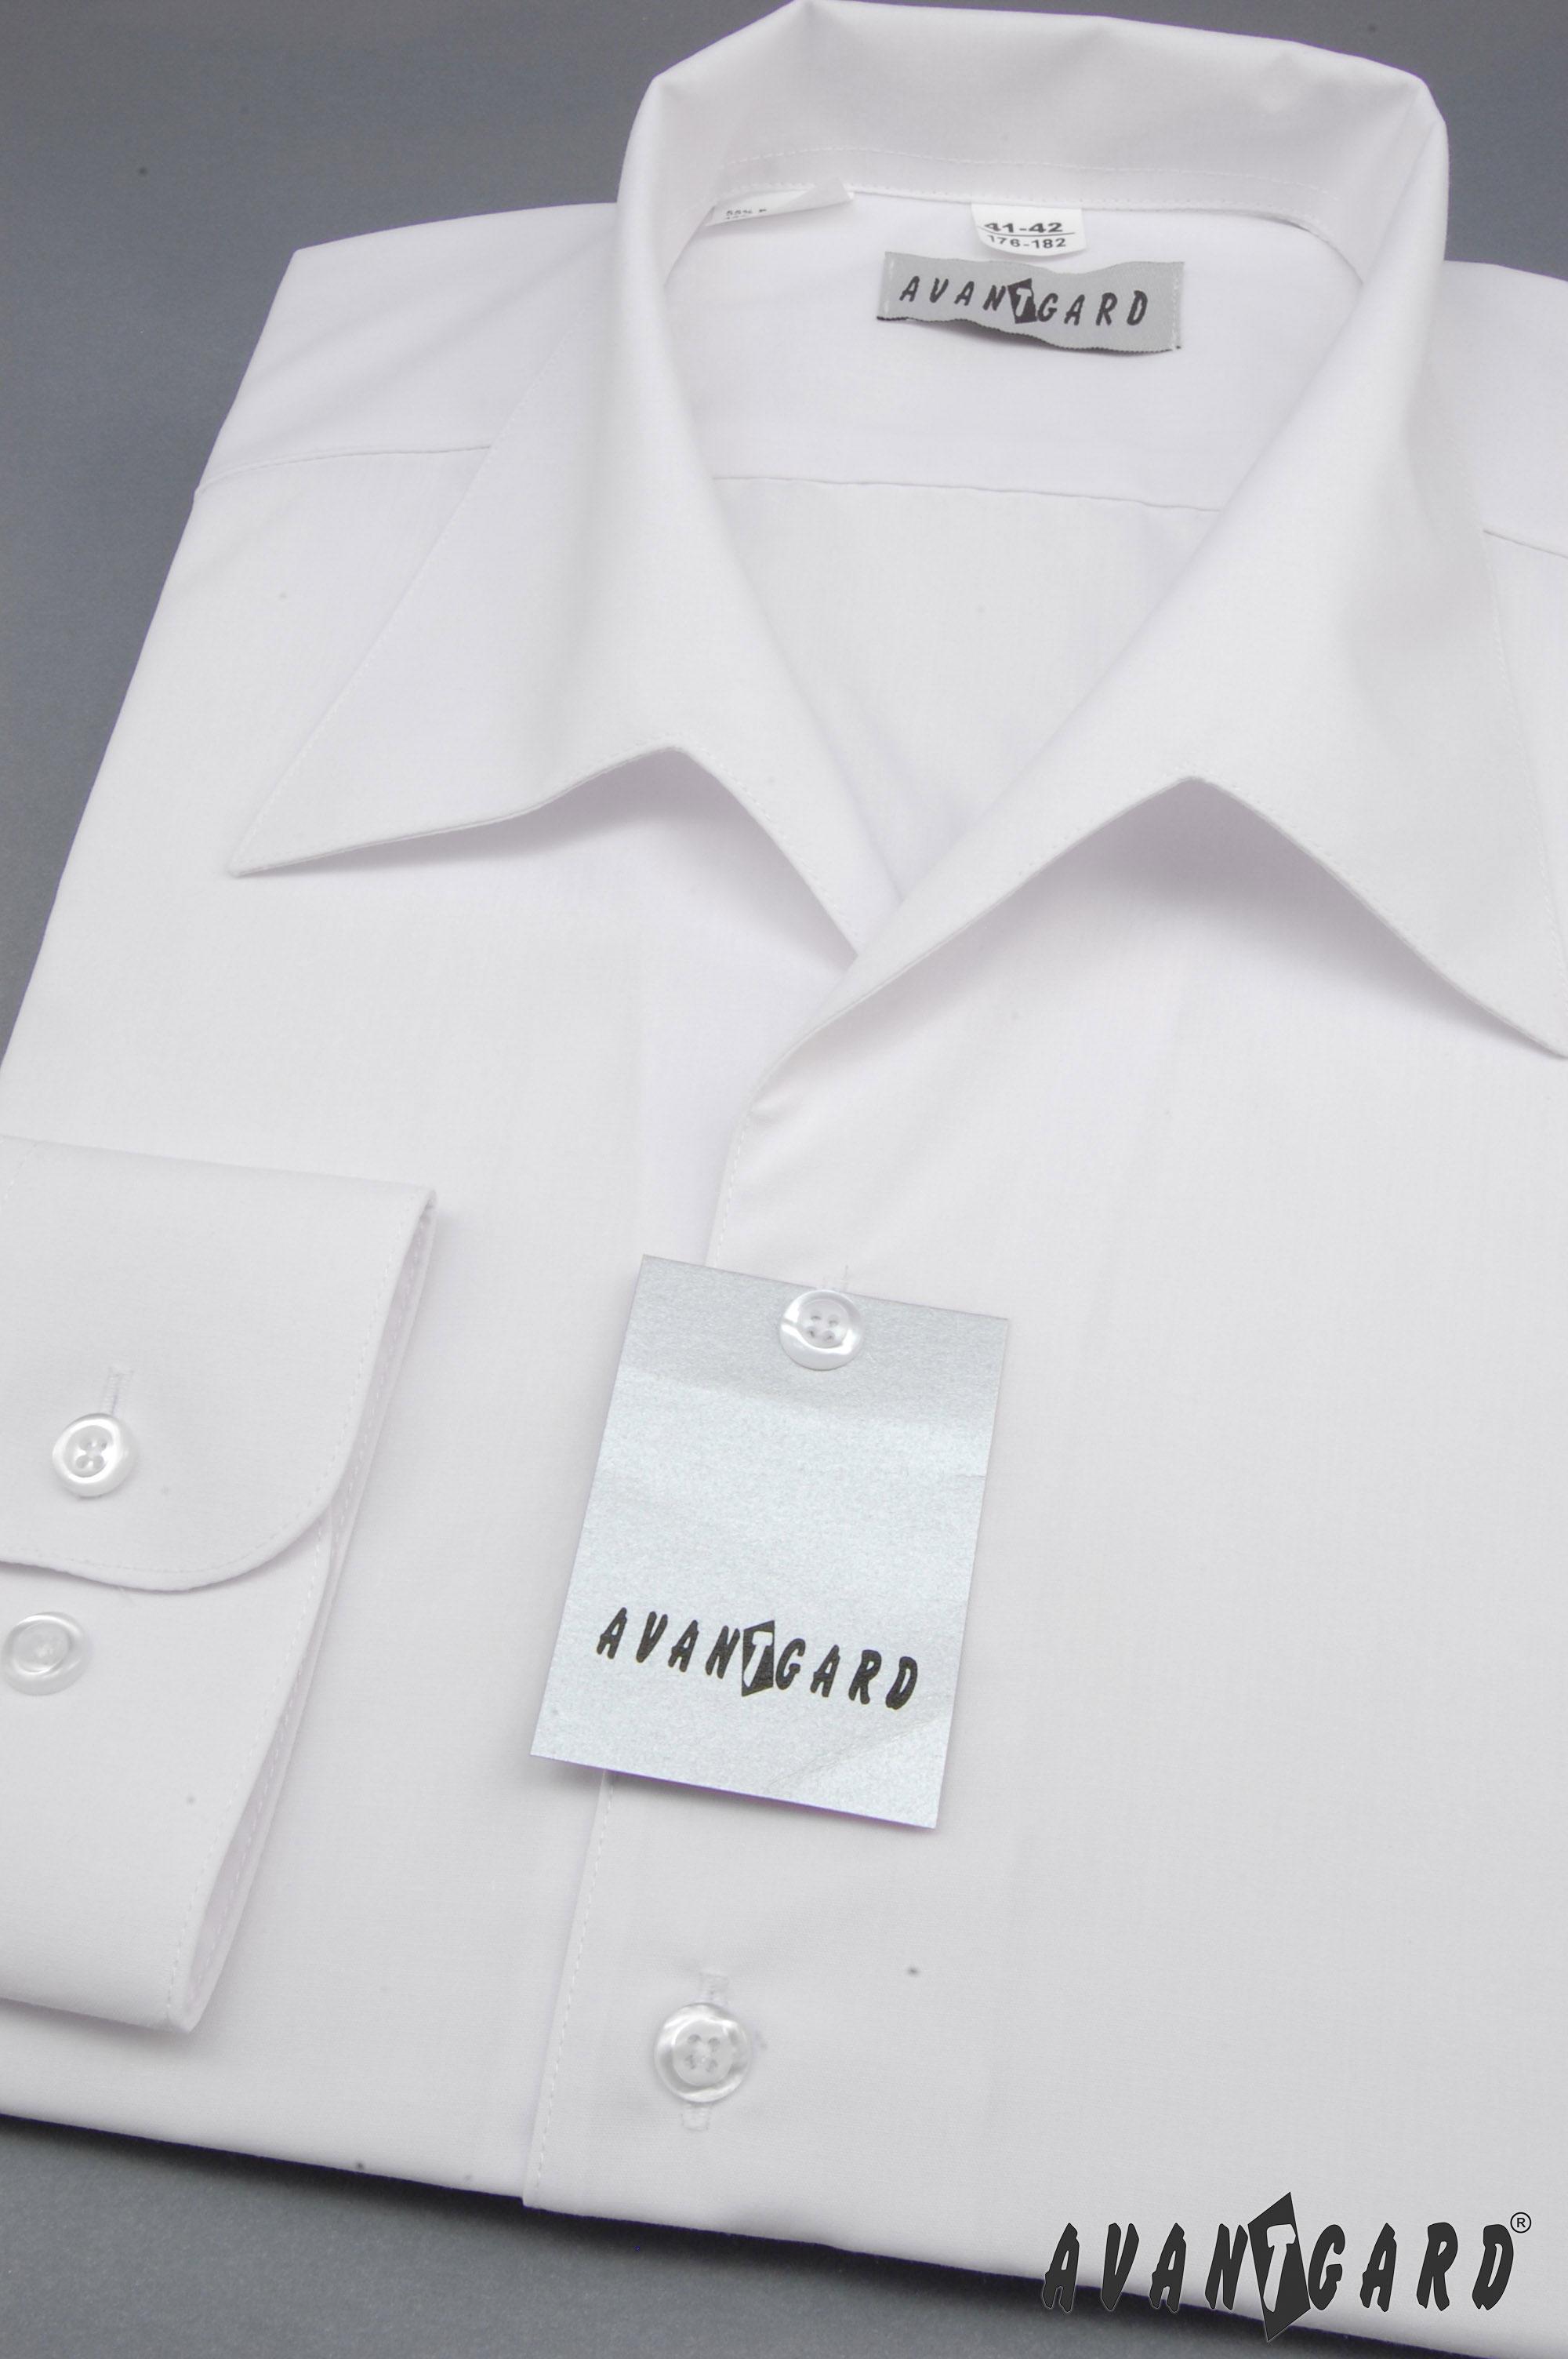 5fa264b5901 Avantgard pánská košile rozhalenka dlouhý rukáv 457-1 barva bílá